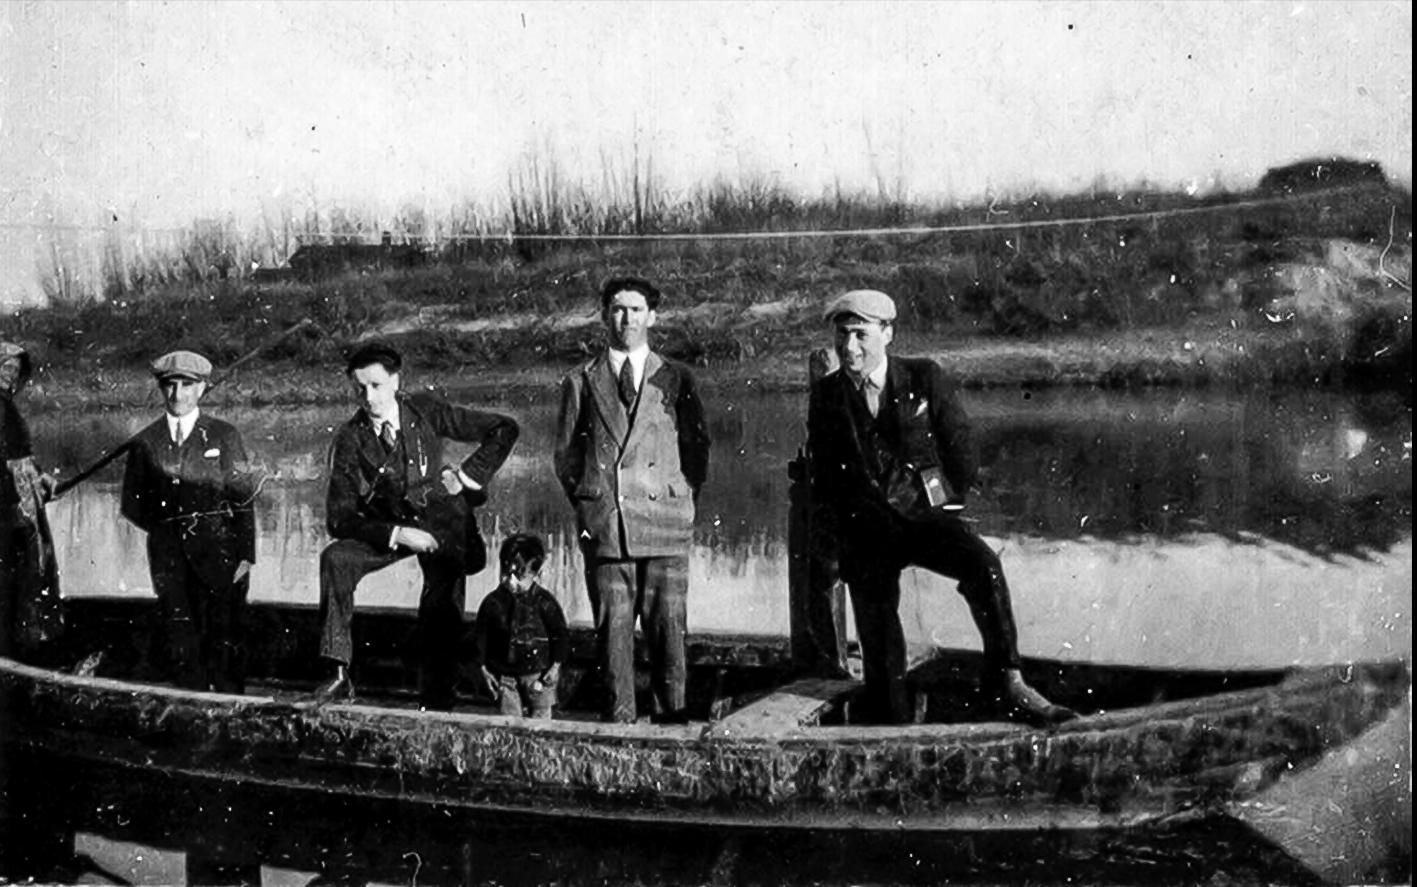 Gruppo alla 'barca' di Galliera.